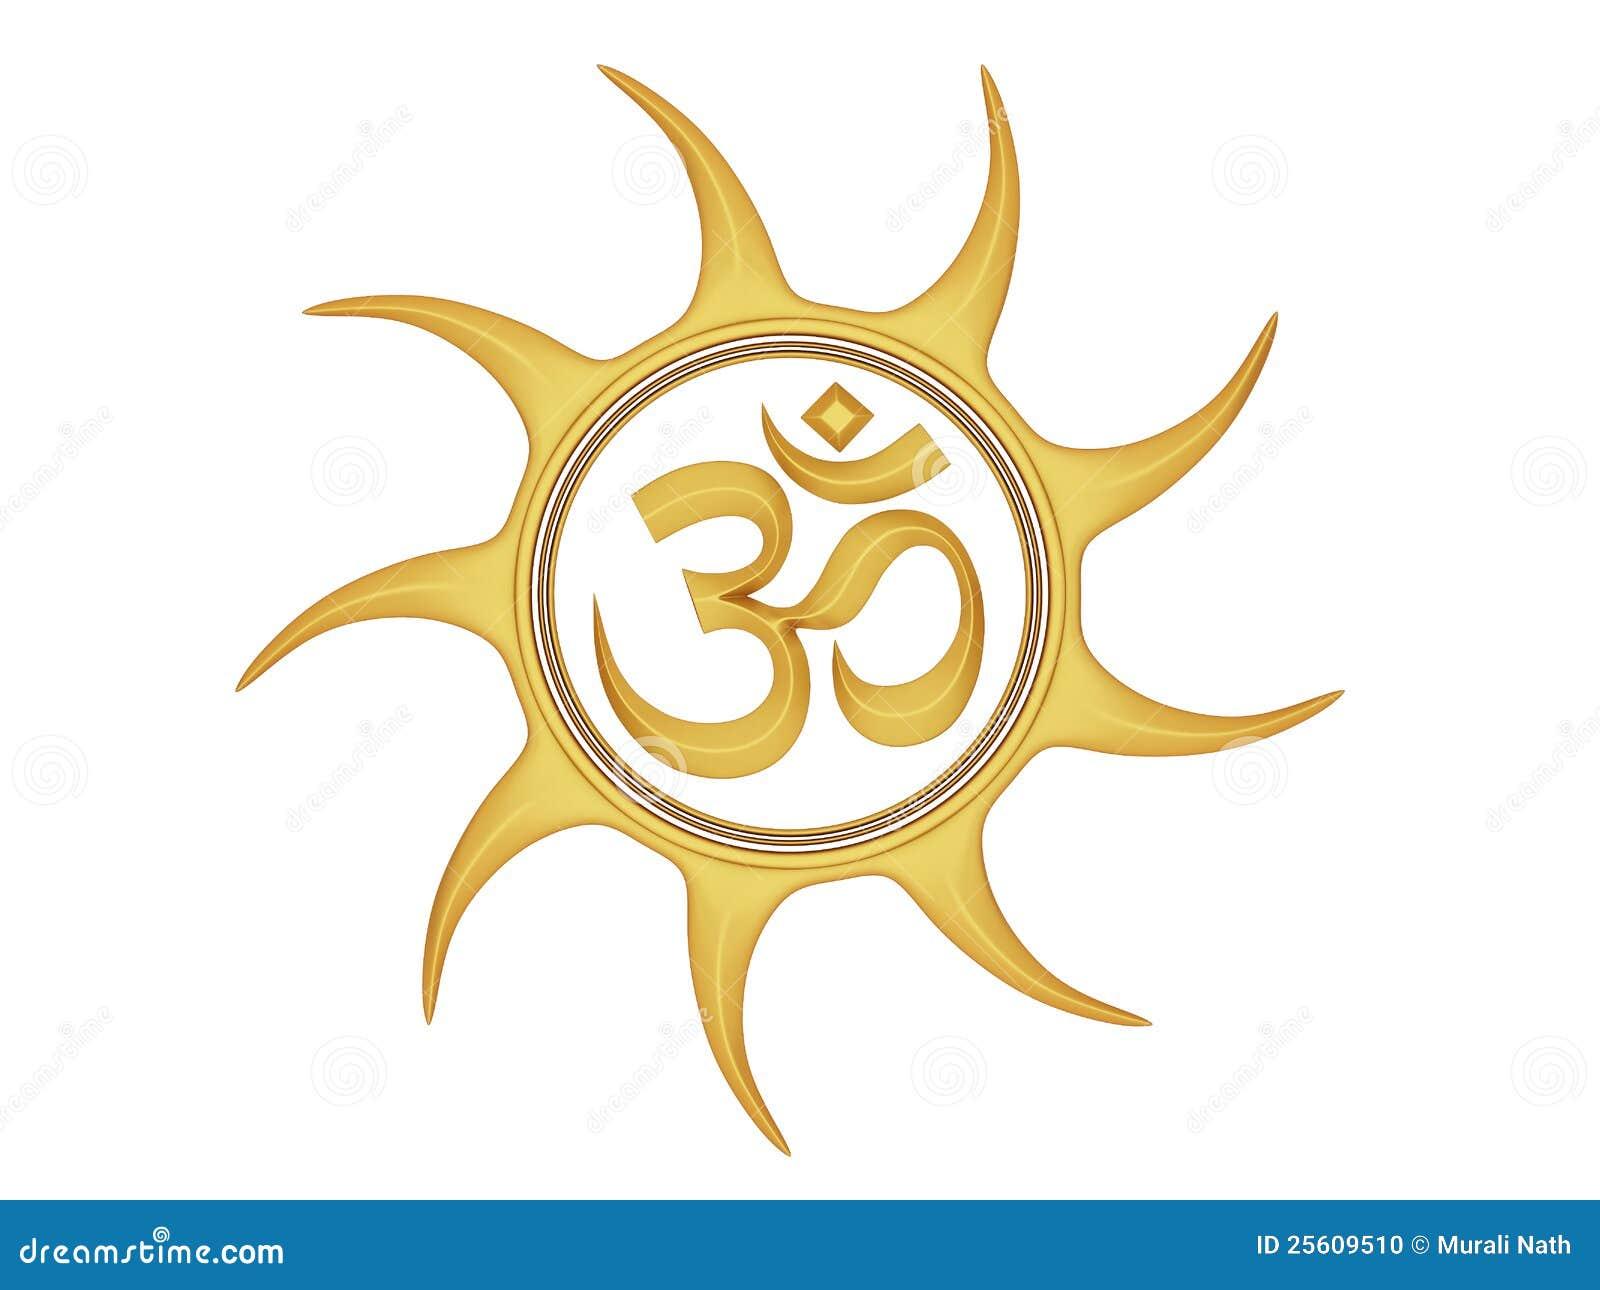 Om symbol stock photo image 25609510 Om symbol images